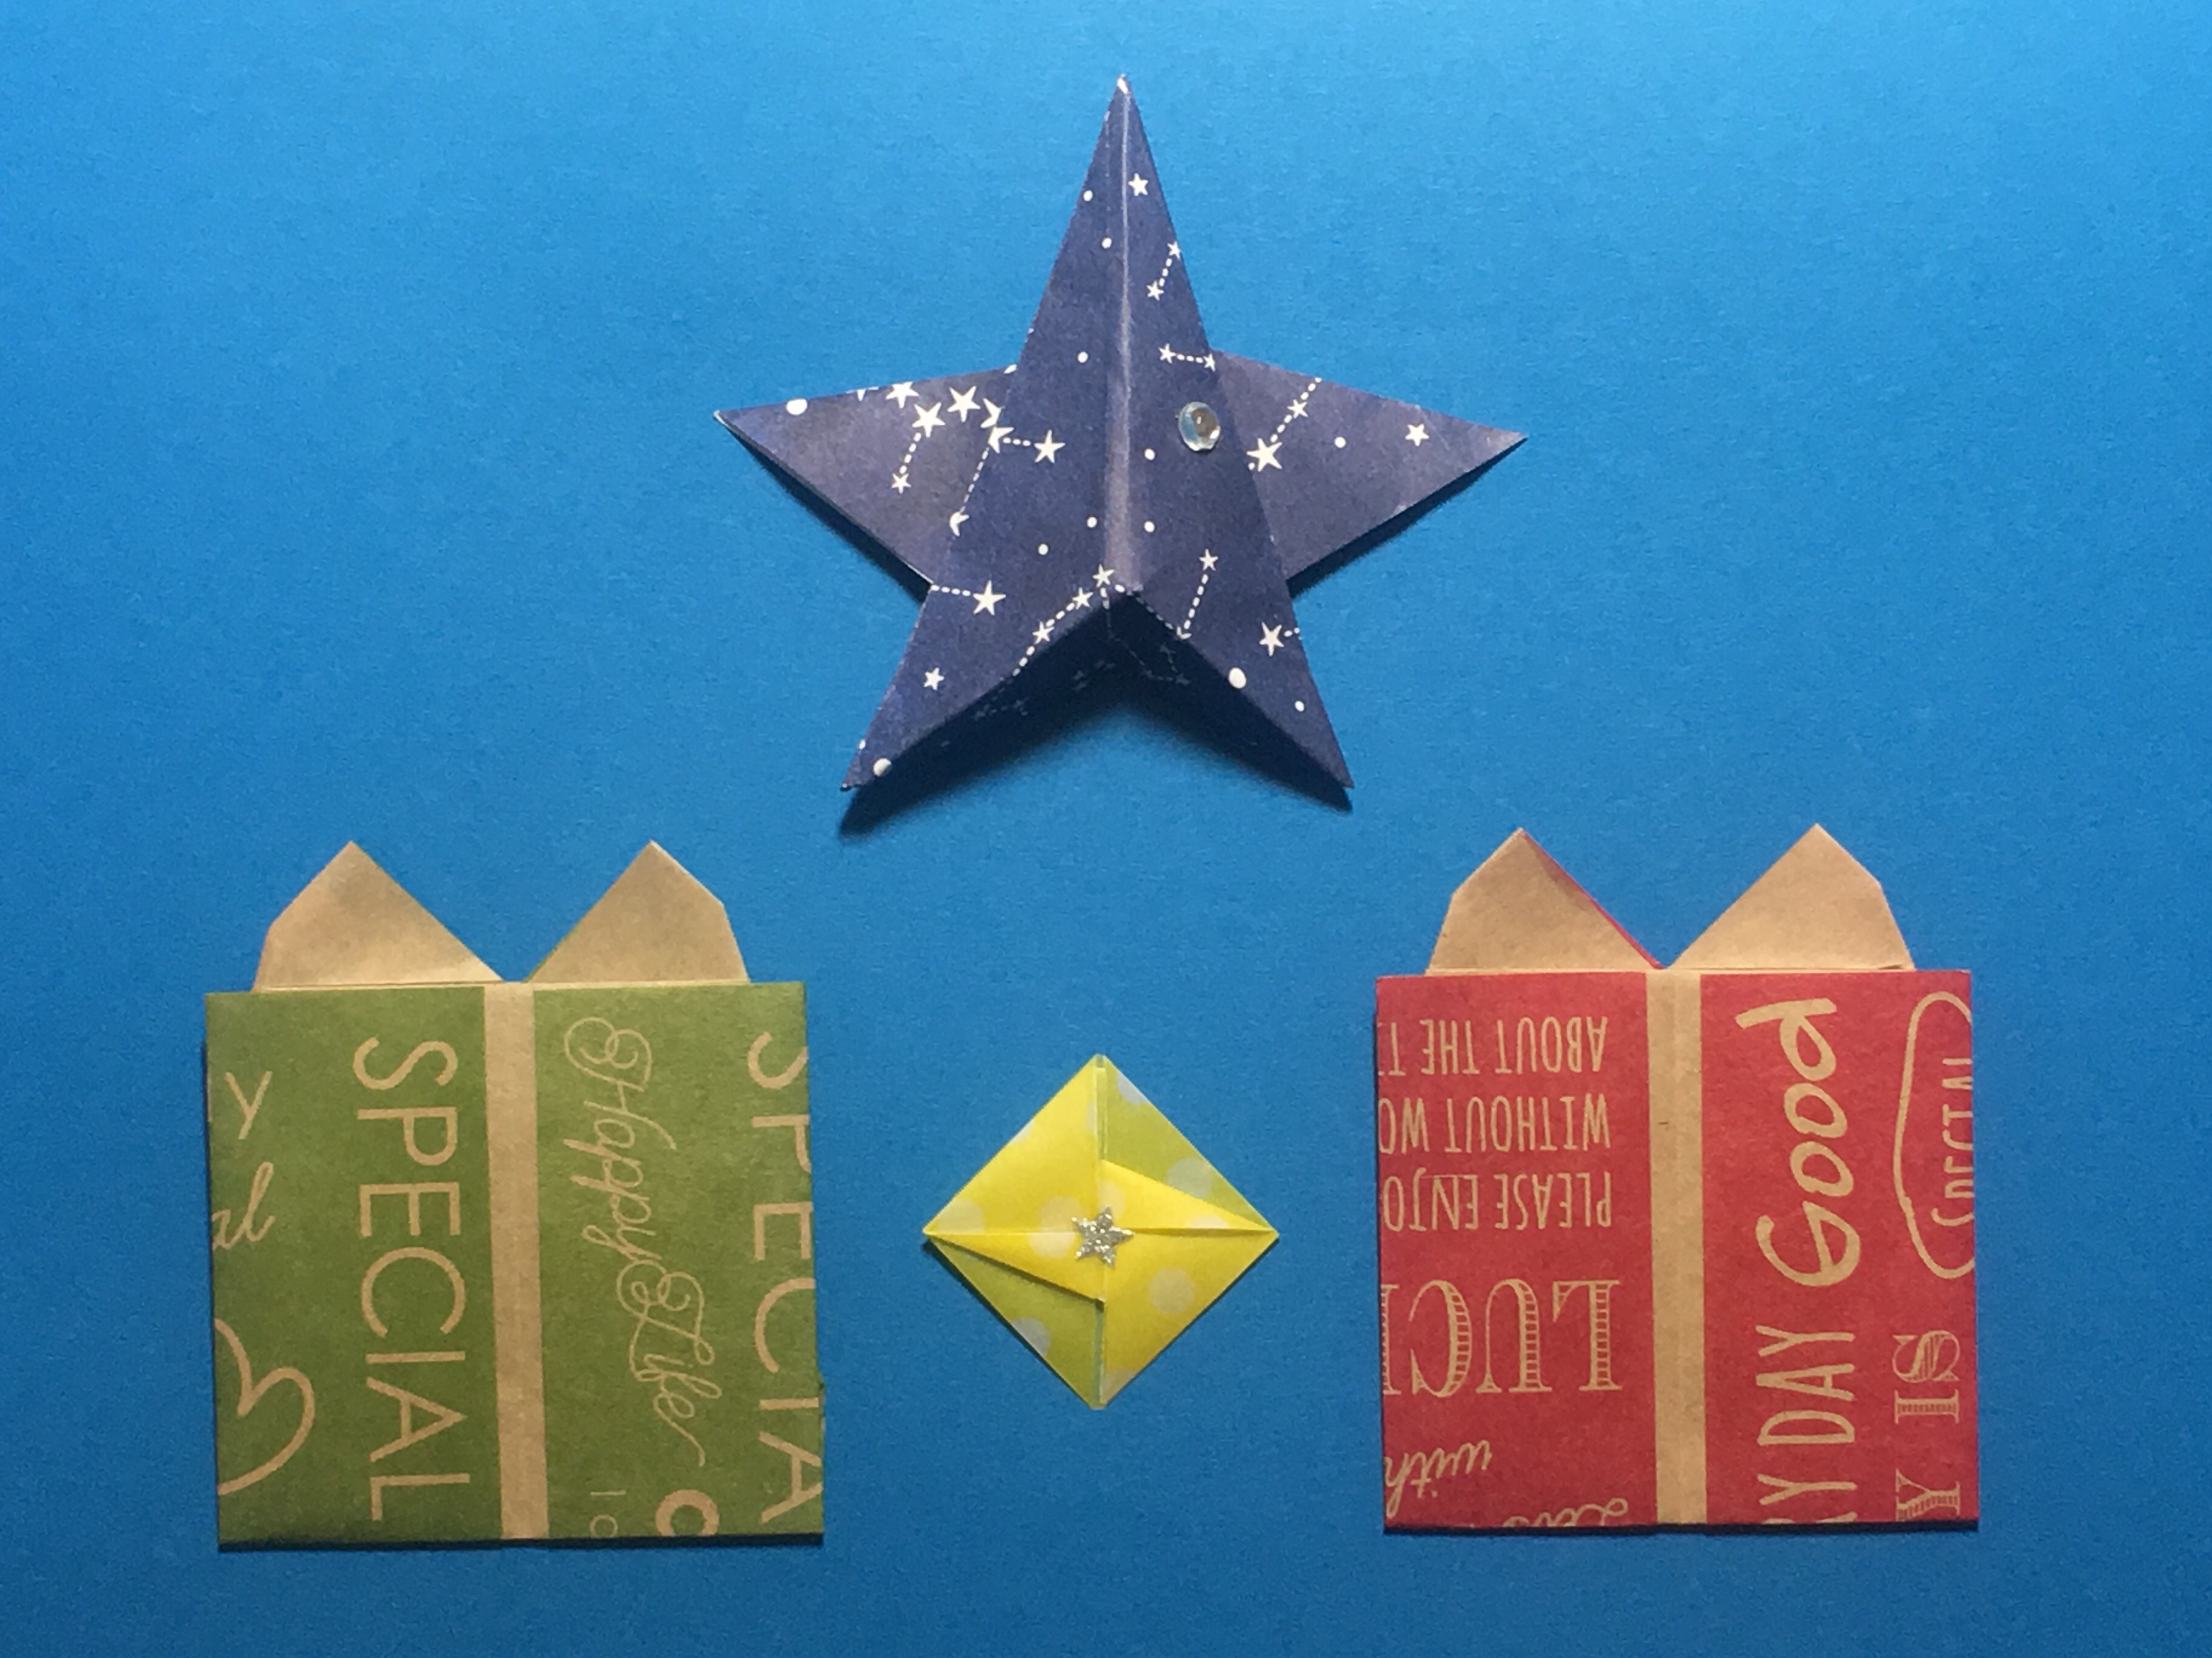 Oriya小町さんによるギフトボックスの折り紙